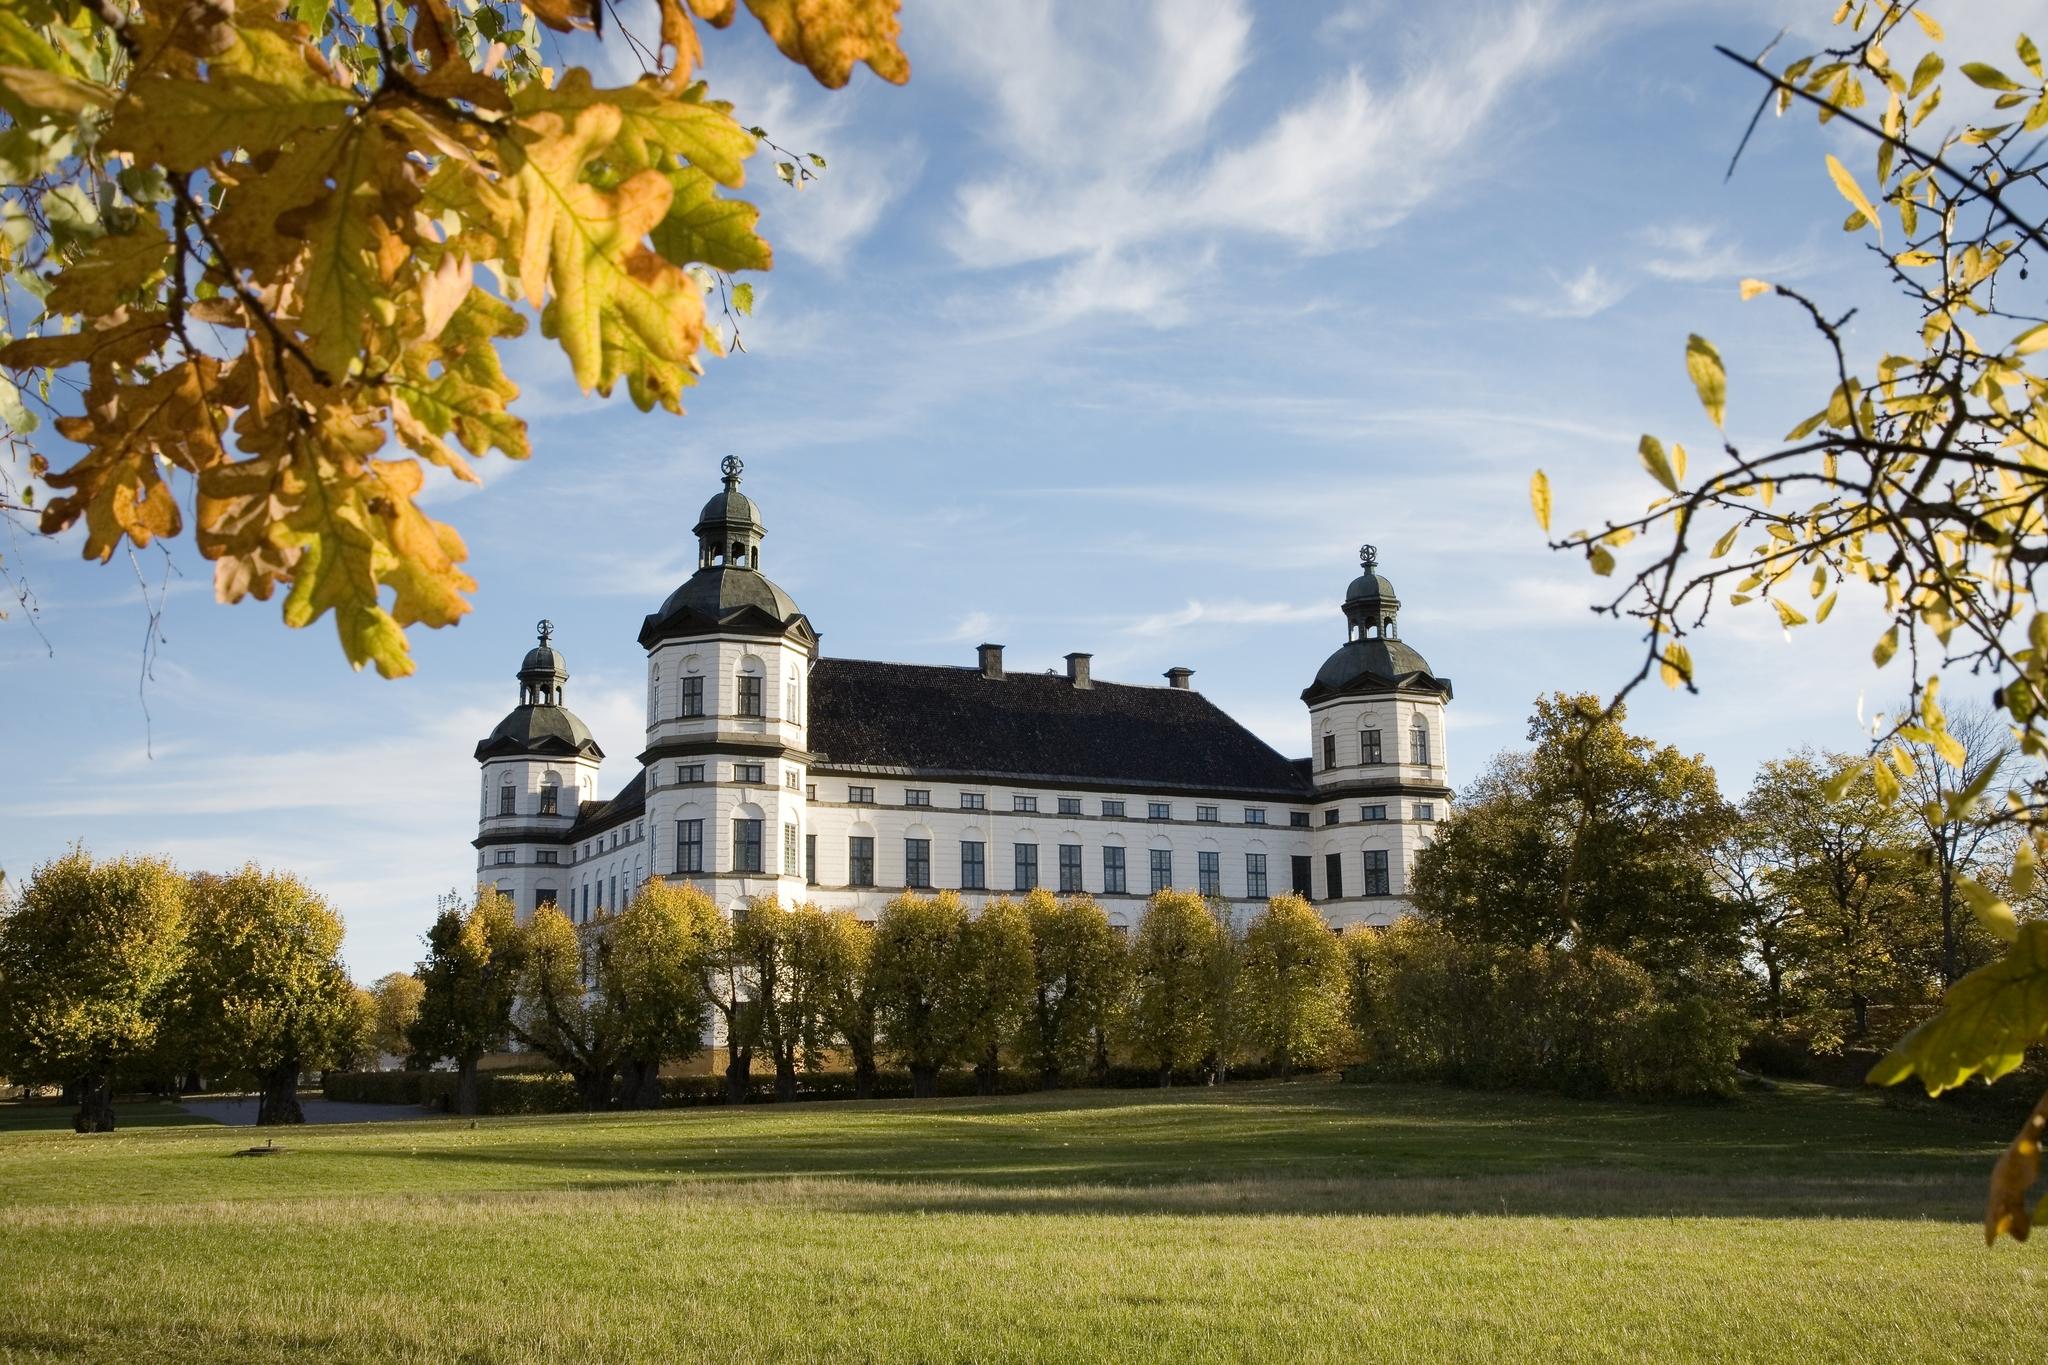 Skoklosters Slott en otoño <br> Foto: Jens Mohr